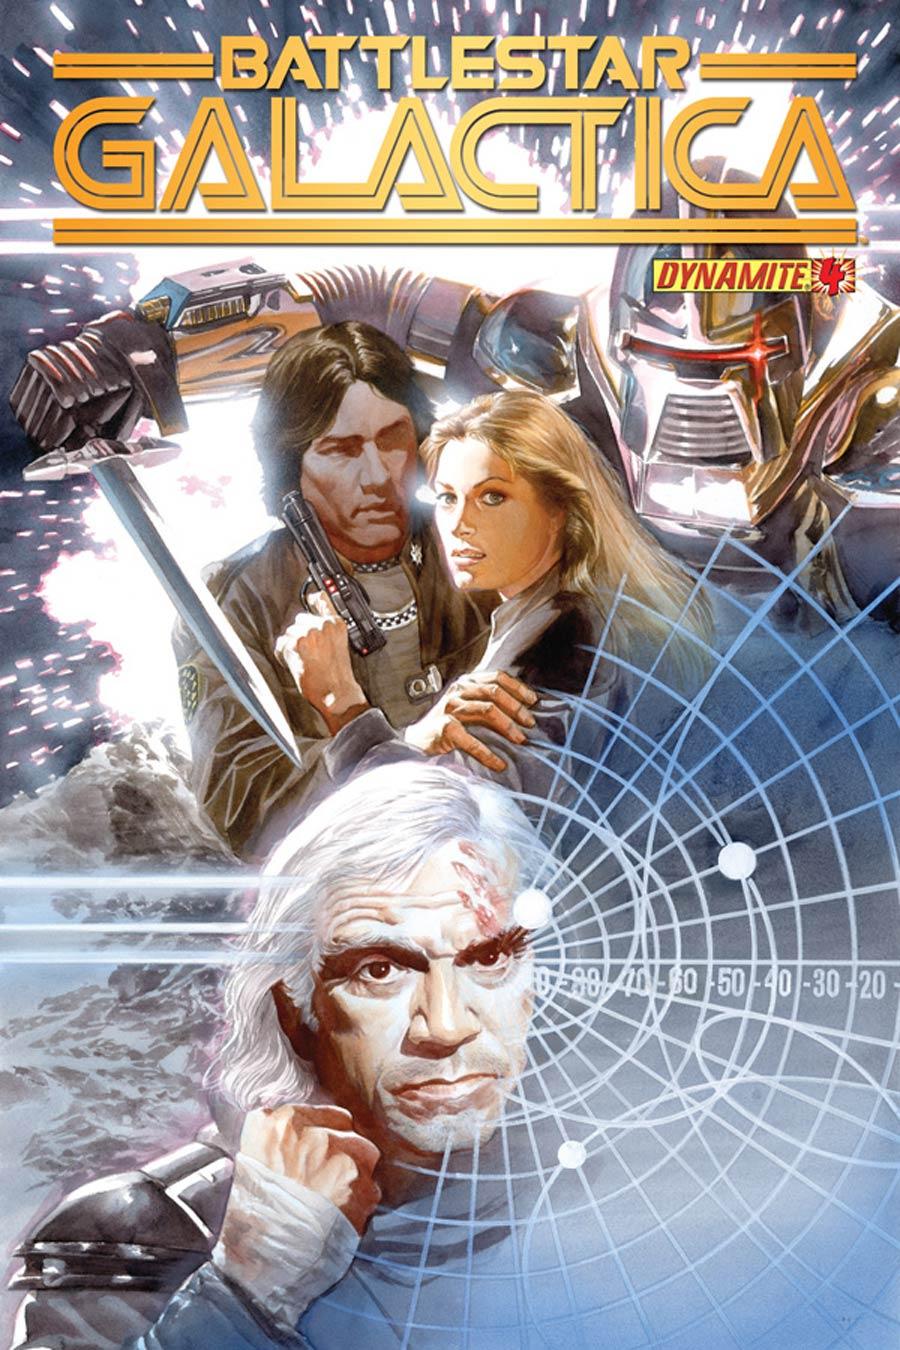 Battlestar Galactica Vol 5 #4 Cover A Regular Alex Ross Cover